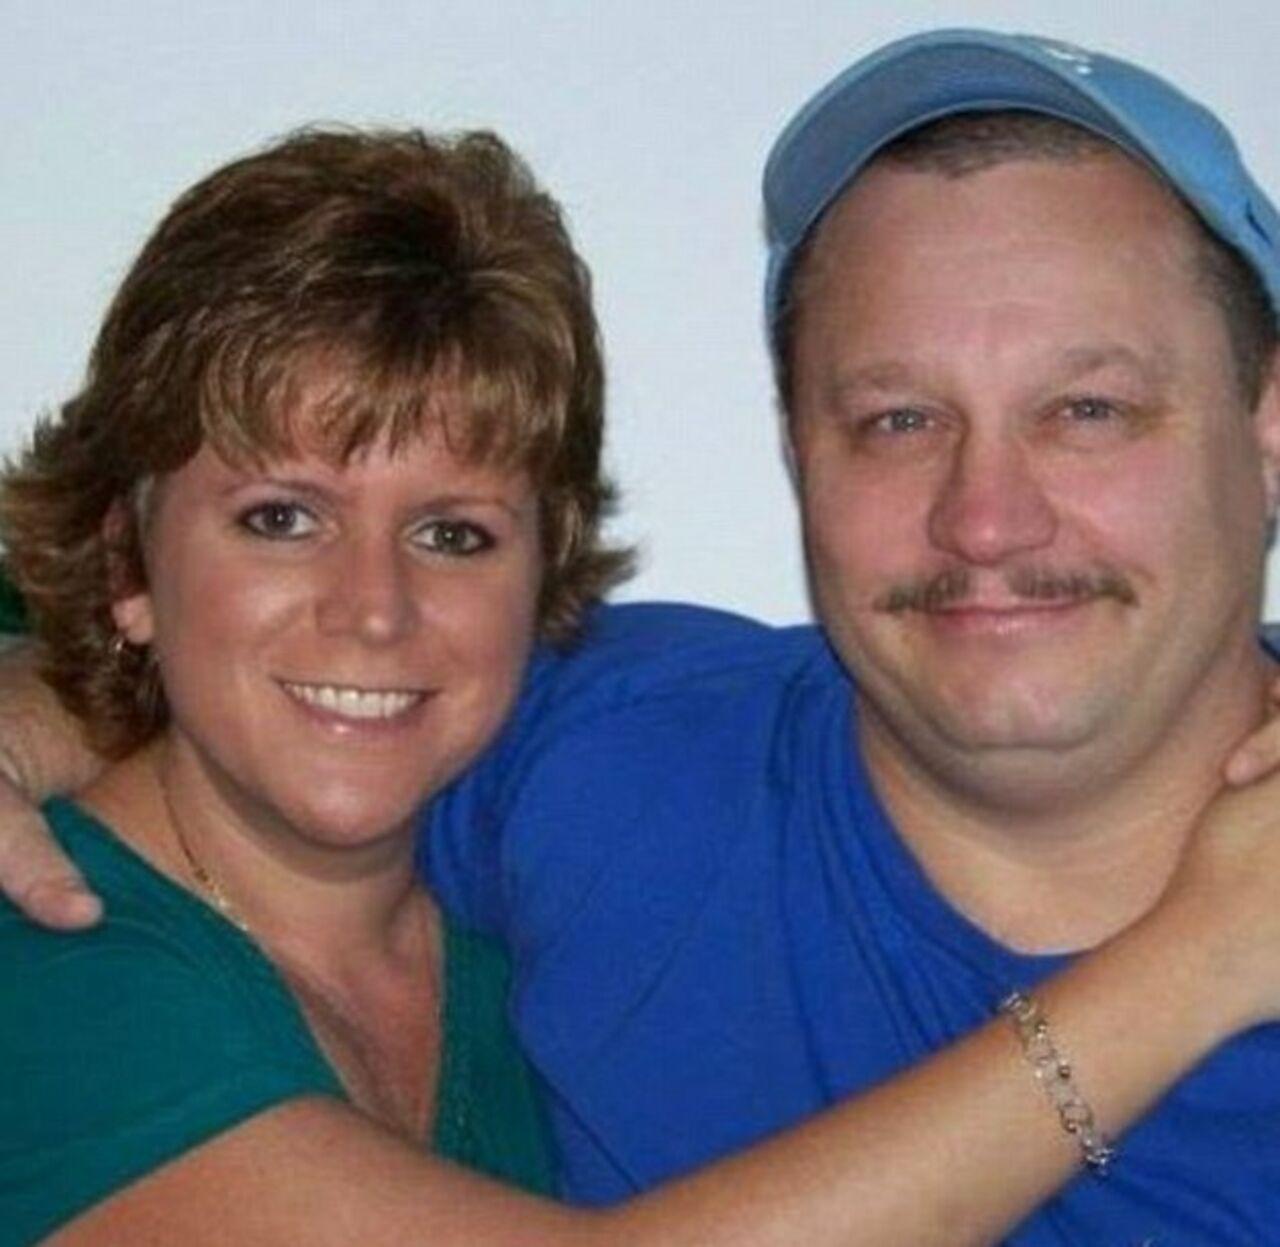 Житель америки застрелил свою супругу, пришедшую домой раньше доэтого времени